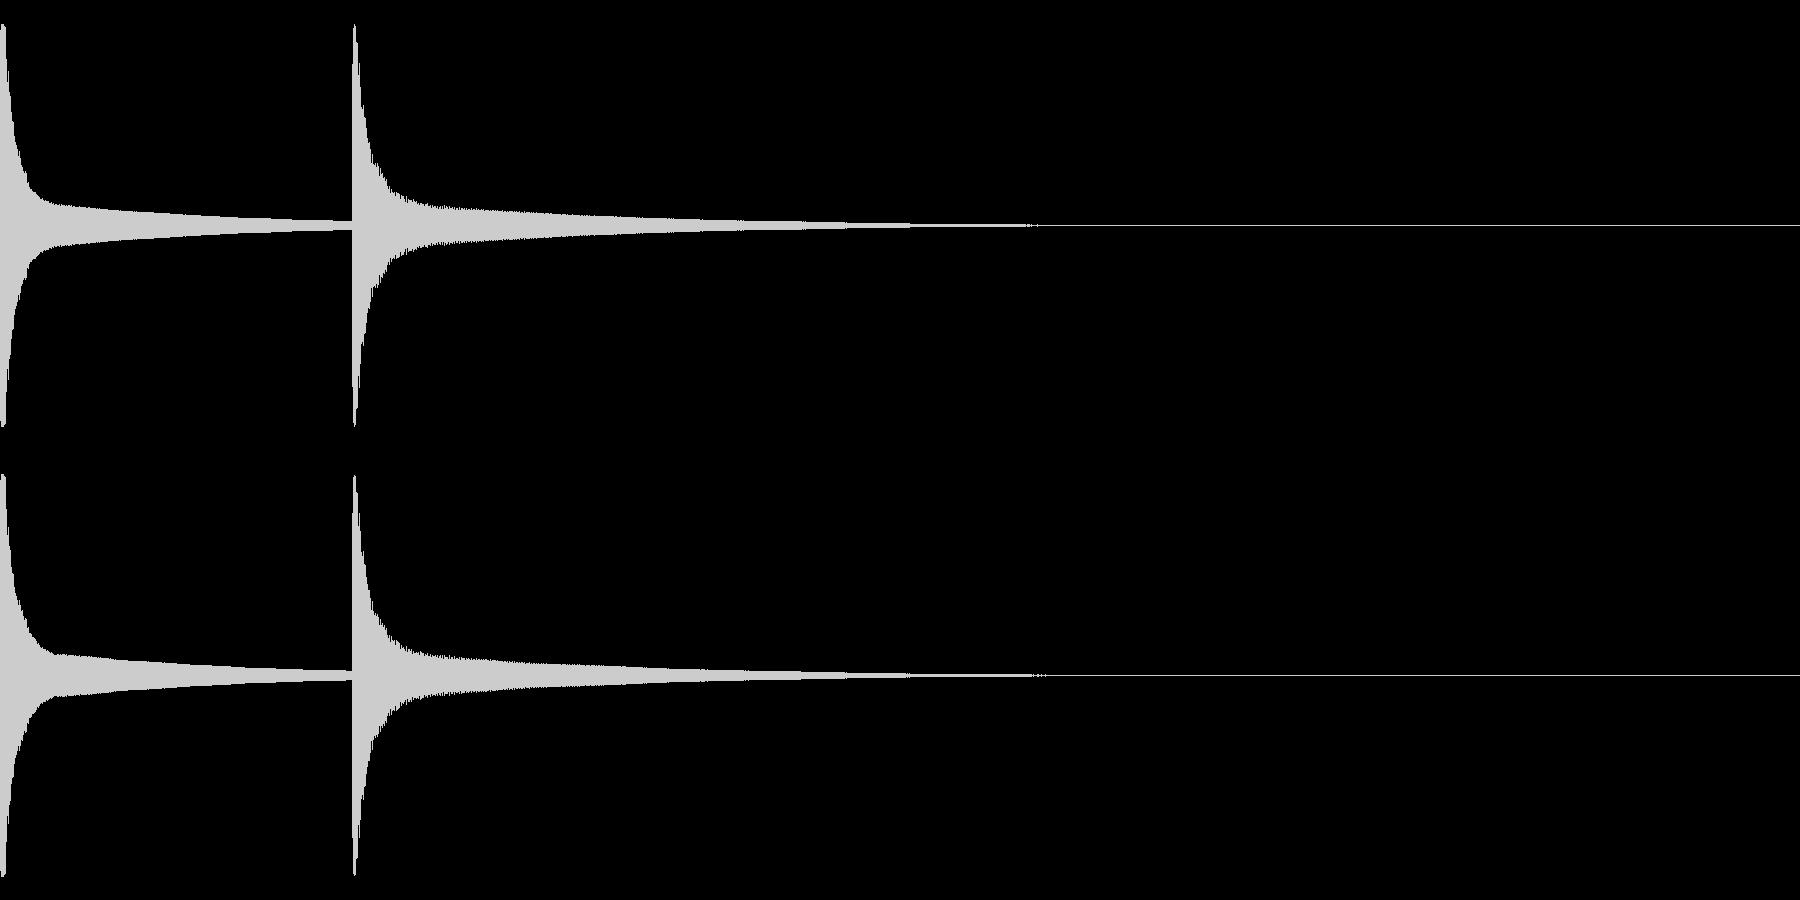 ブザー音01(ピンポン)の未再生の波形